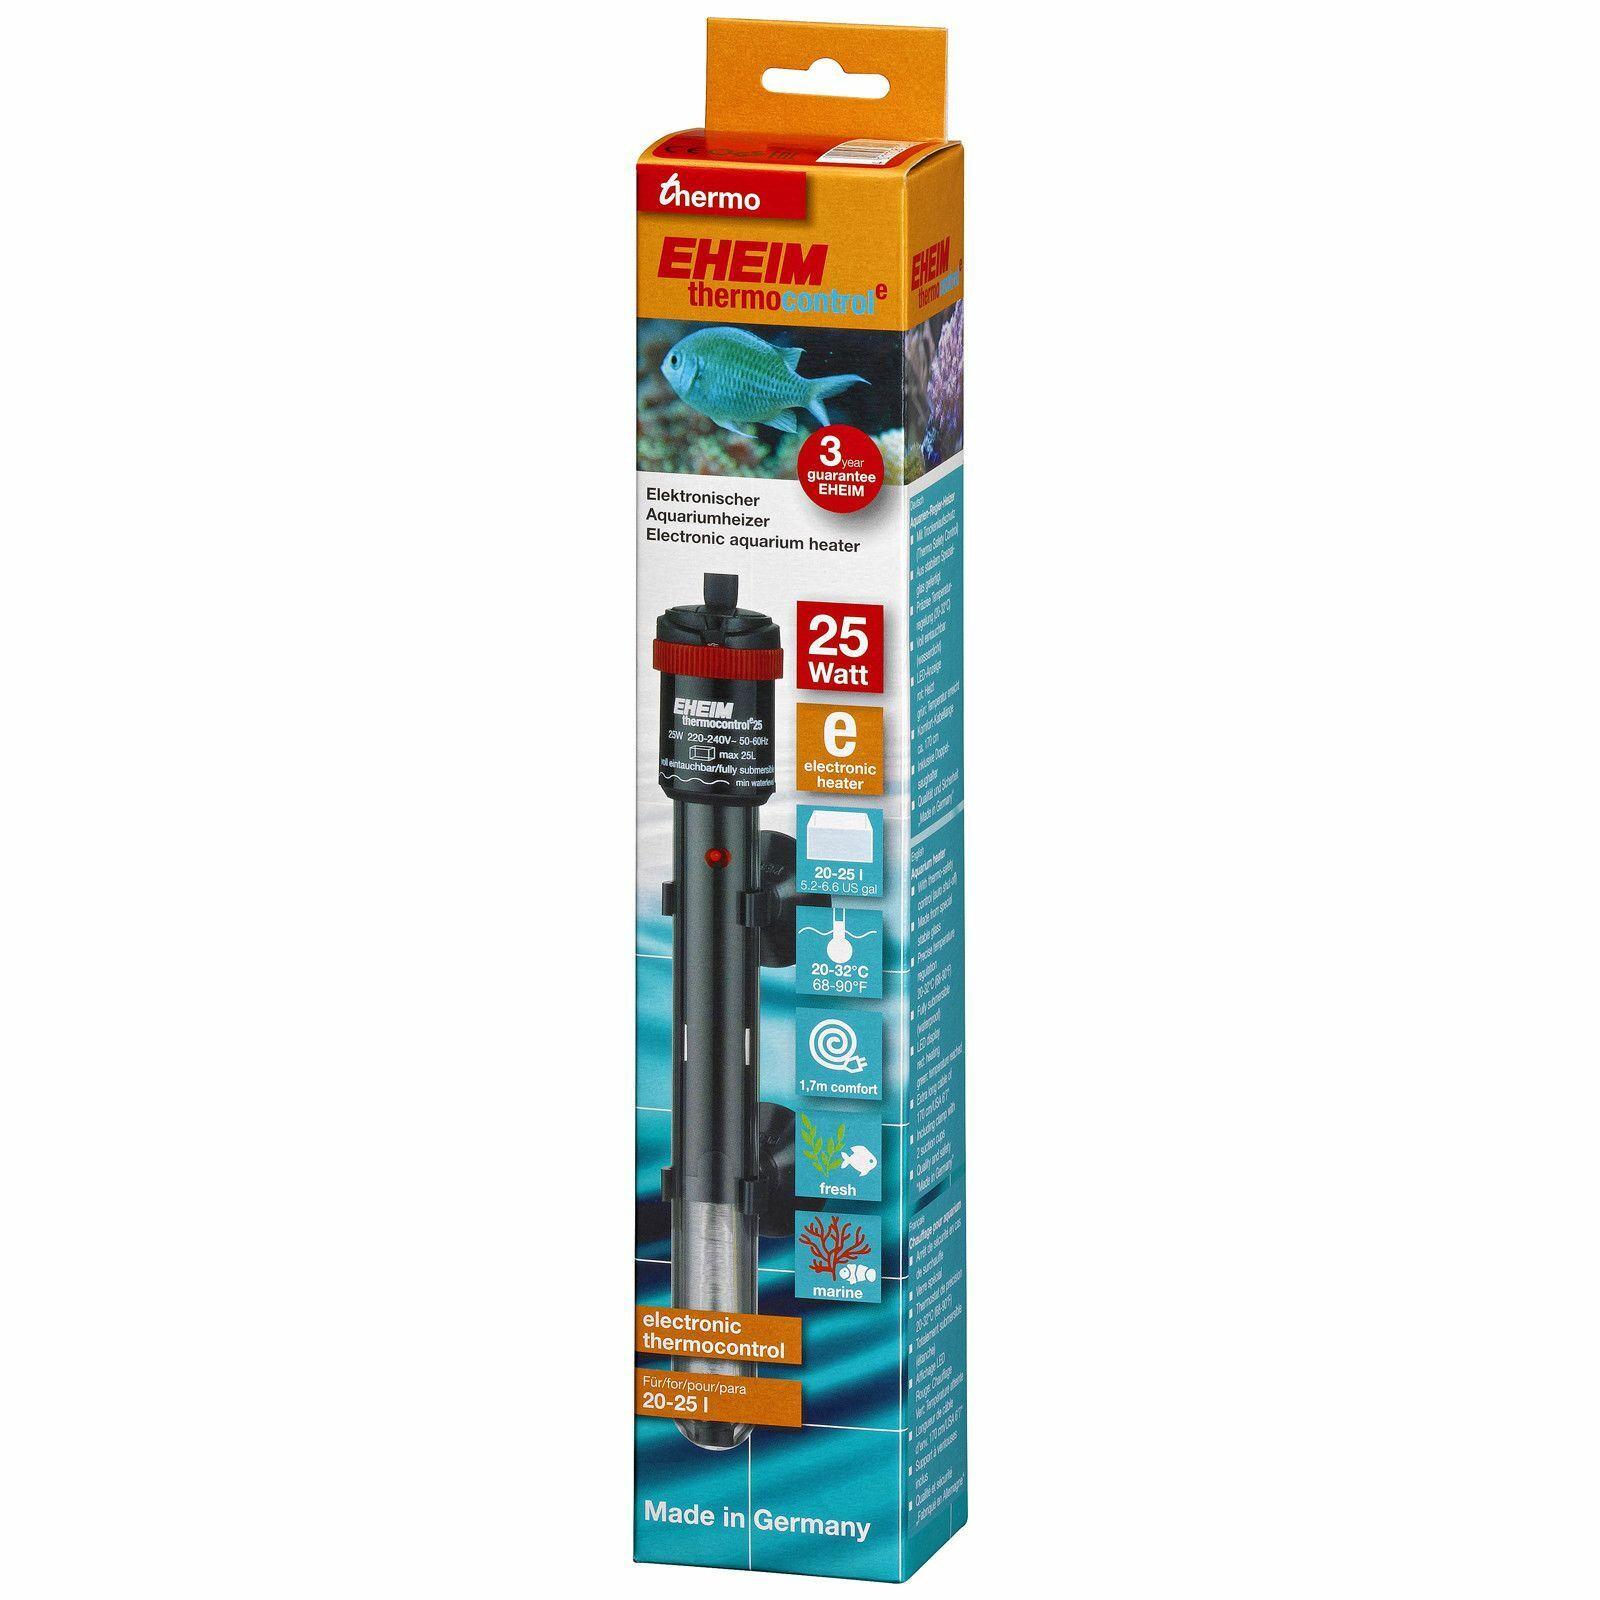 EHEIM thermocontrol e - elektronischer Regelheizer für Aquarien von 20 - 1.200 l